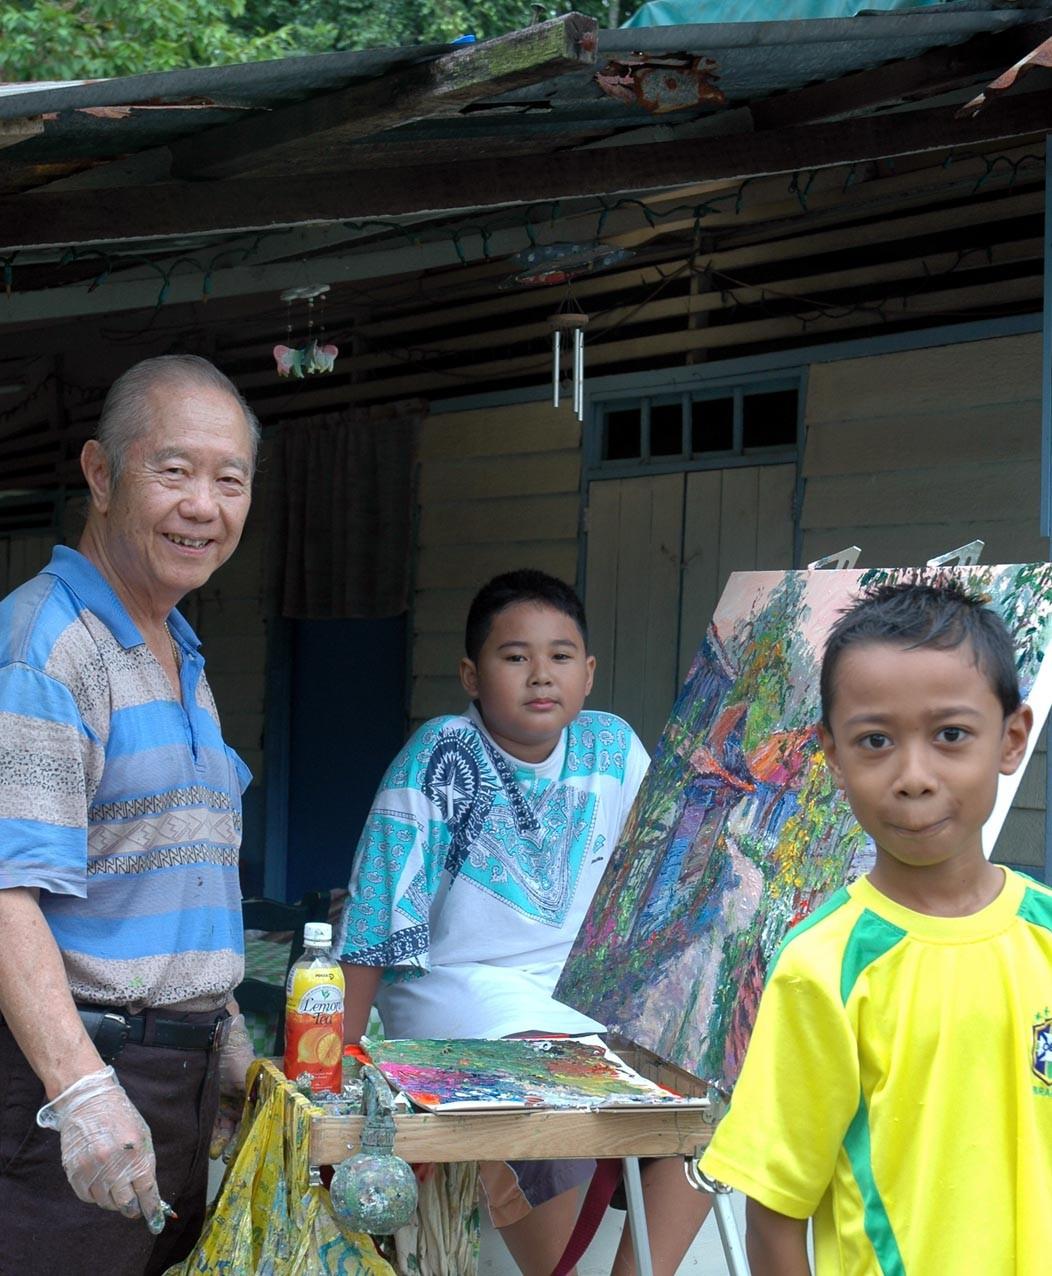 The Last Kampung of Singapore - Lorong Buangkok